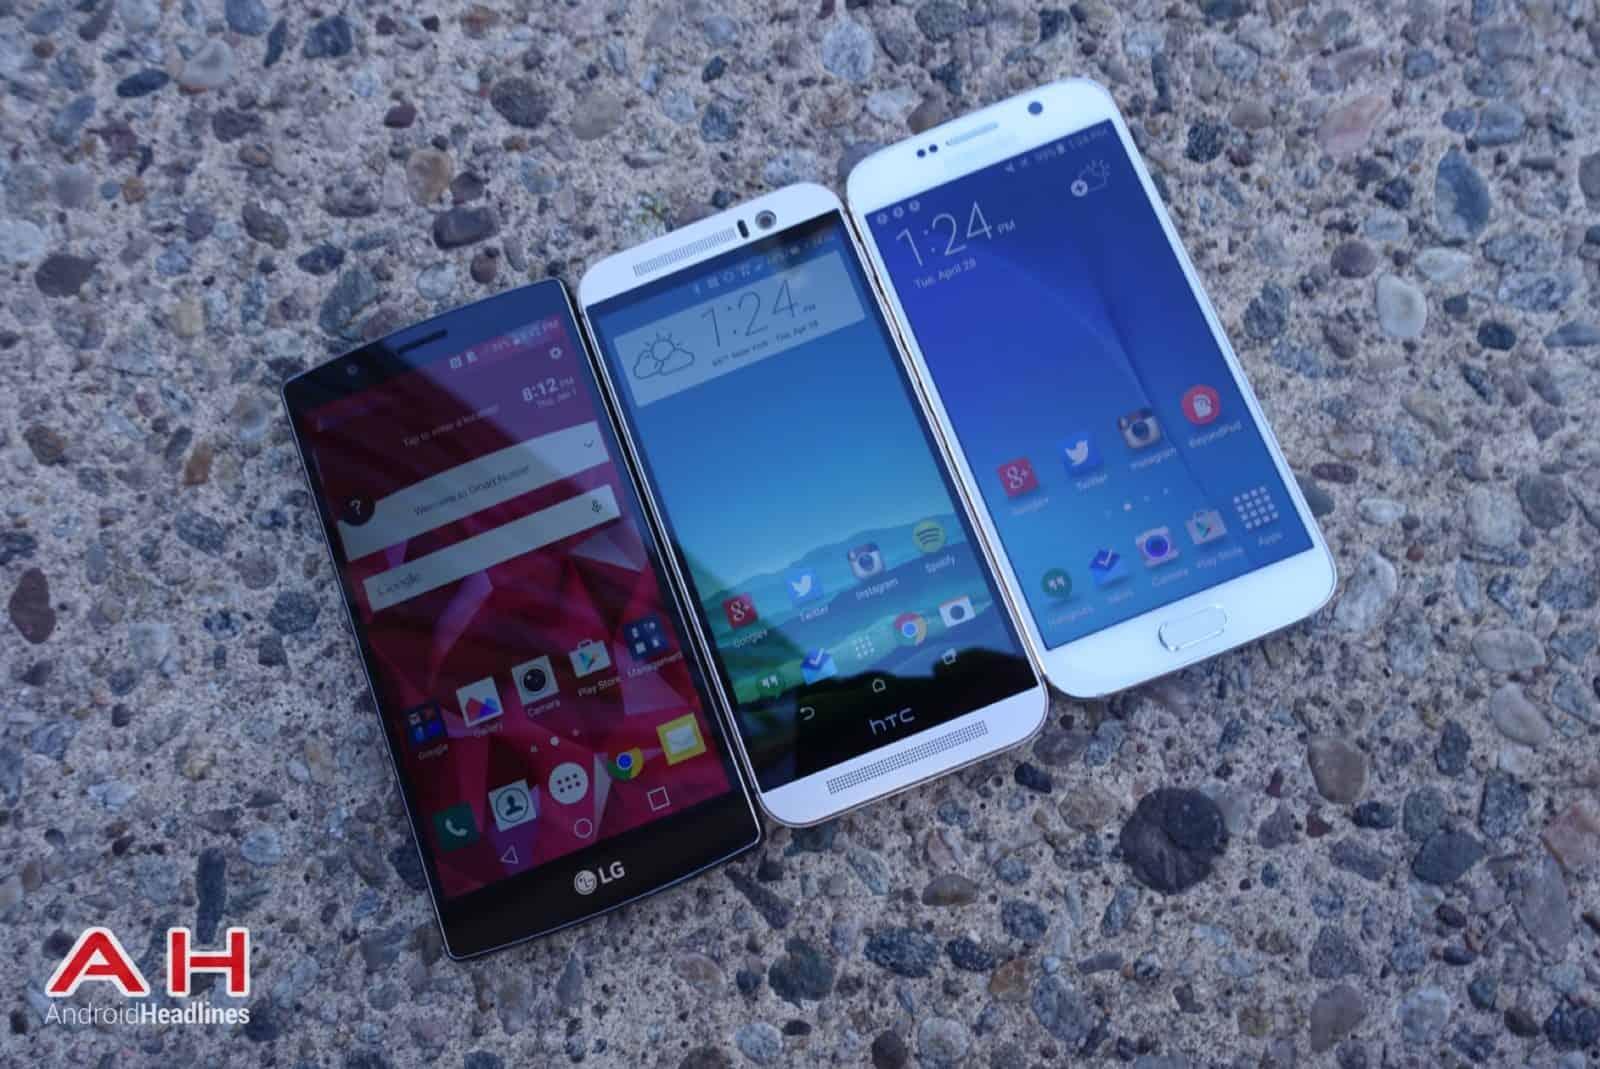 LG G4 Galaxy S6 One M9 AH 04